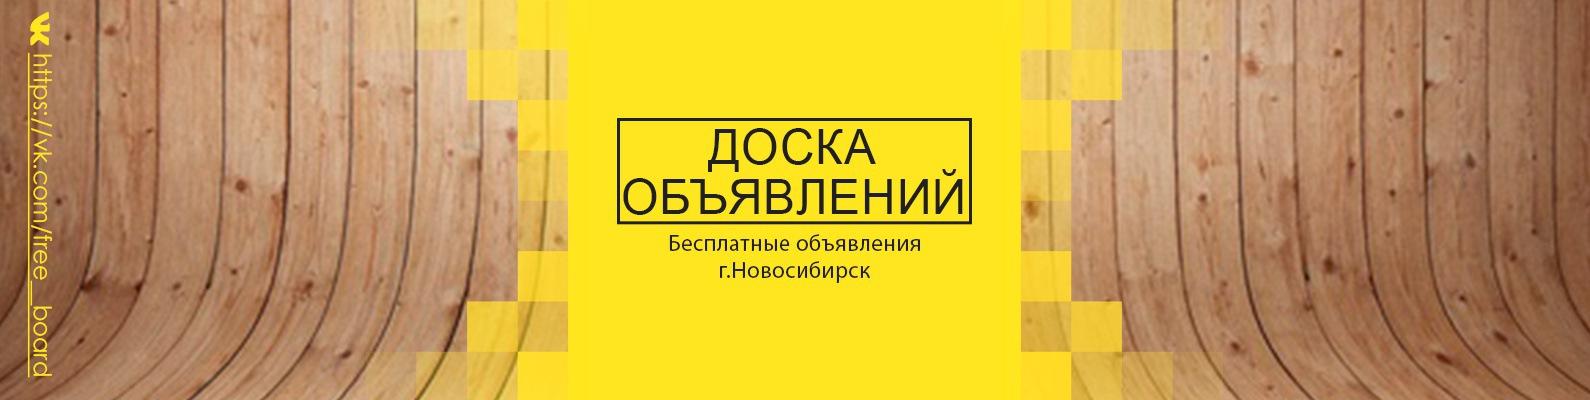 фото доска объявлений в новосибирске места, где